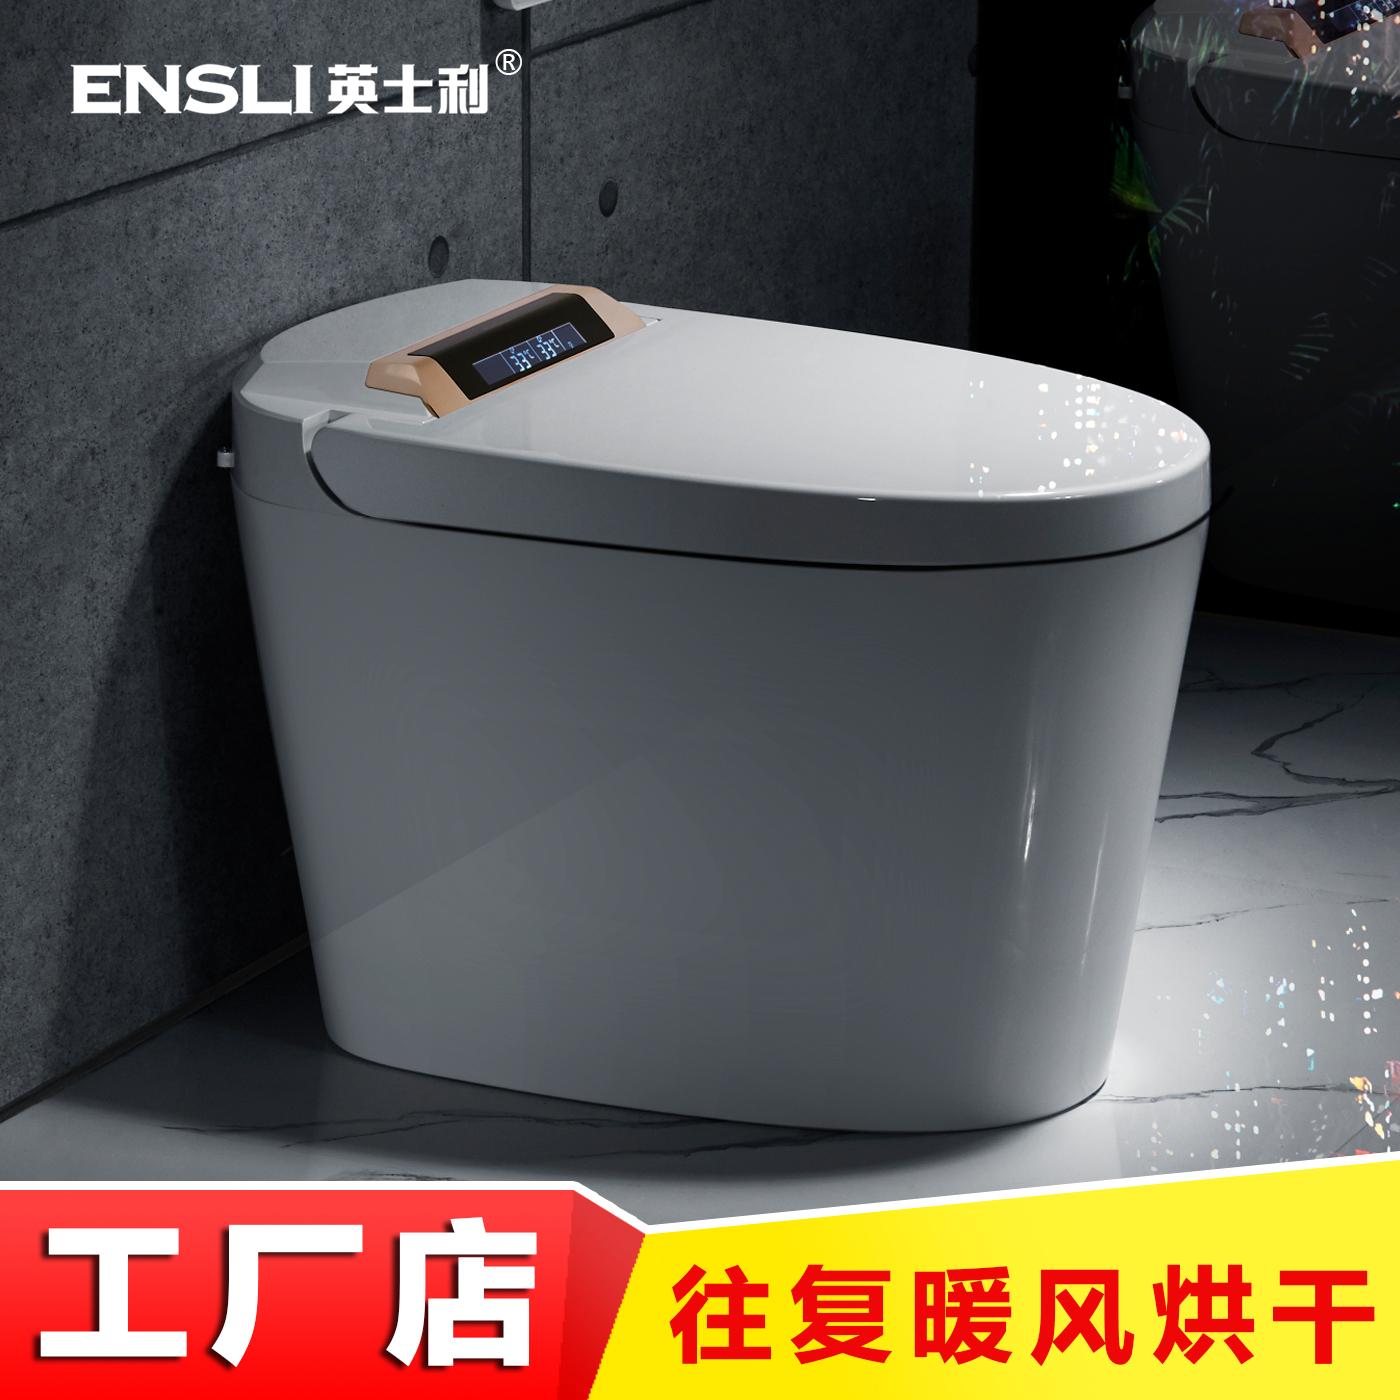 英士利即热型智能马桶E-Z121